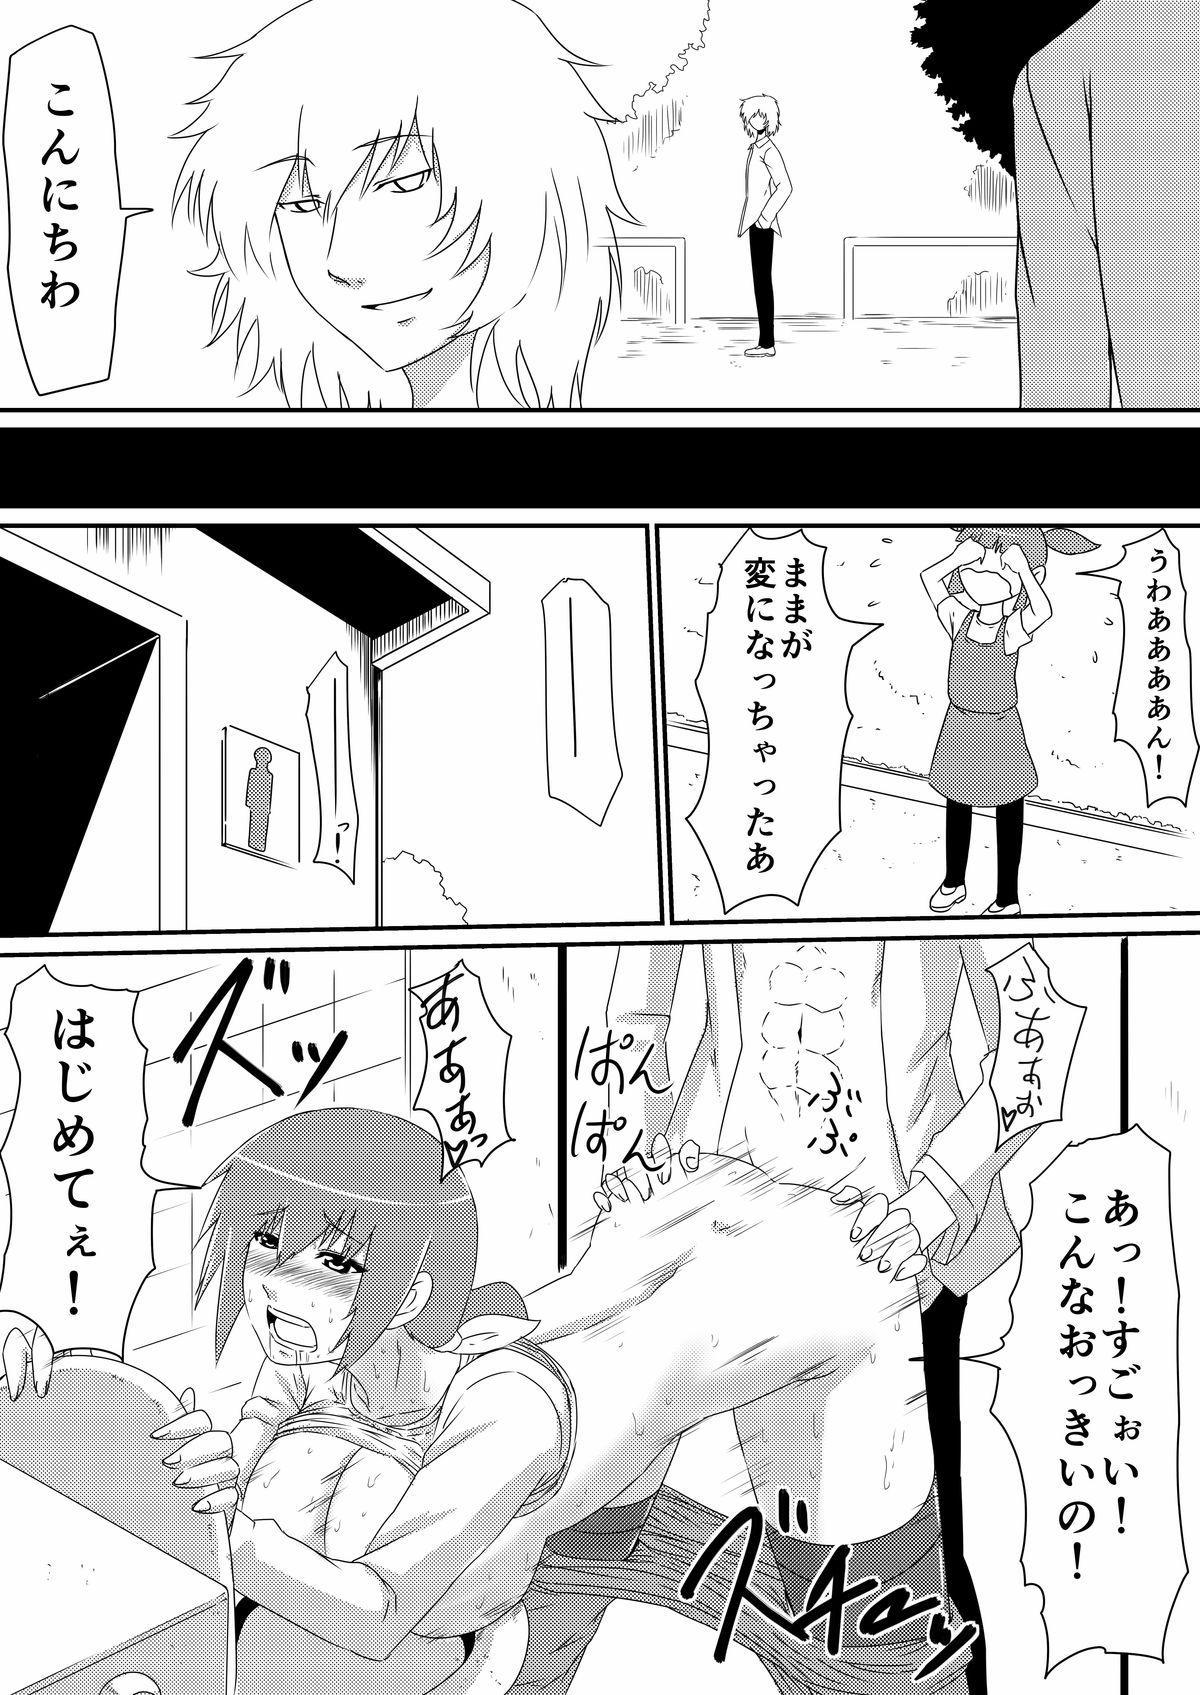 [Mikezoutei] Mashou no Chinko o Motsu Shounen ~Kare no Dankon wa Josei o Mesu e to Kaeru~ Zenpen 34